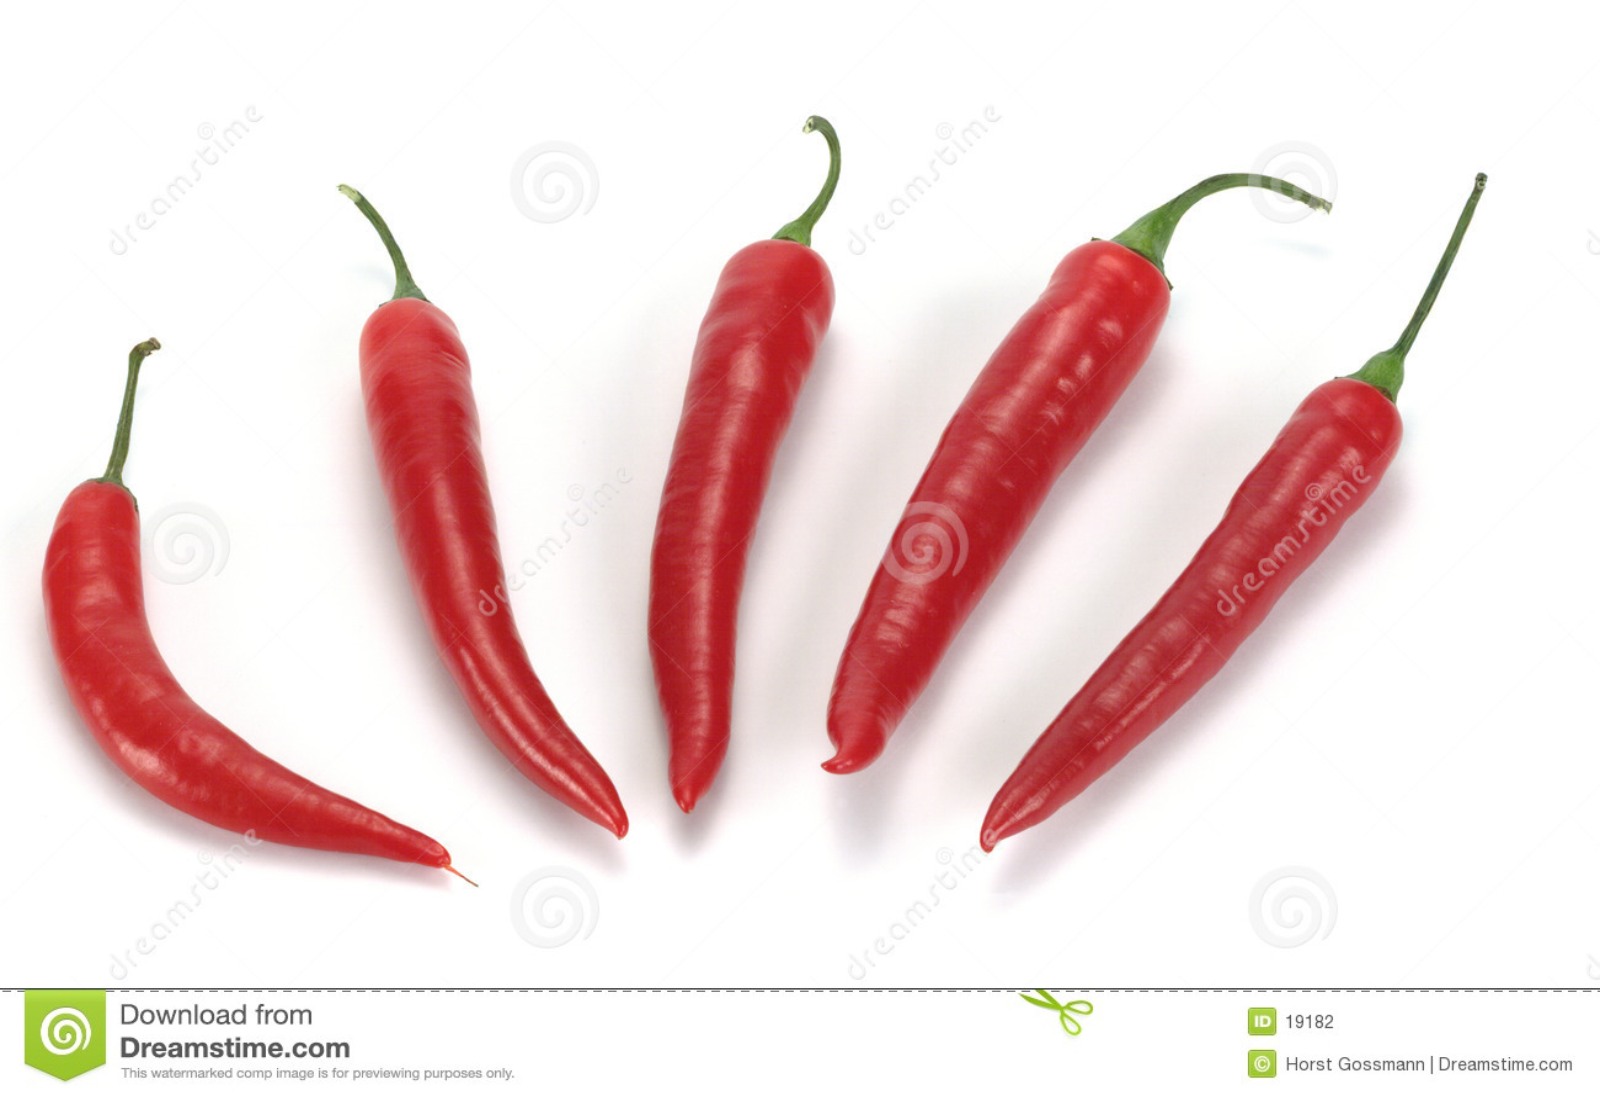 De peper van de Spaanse peper